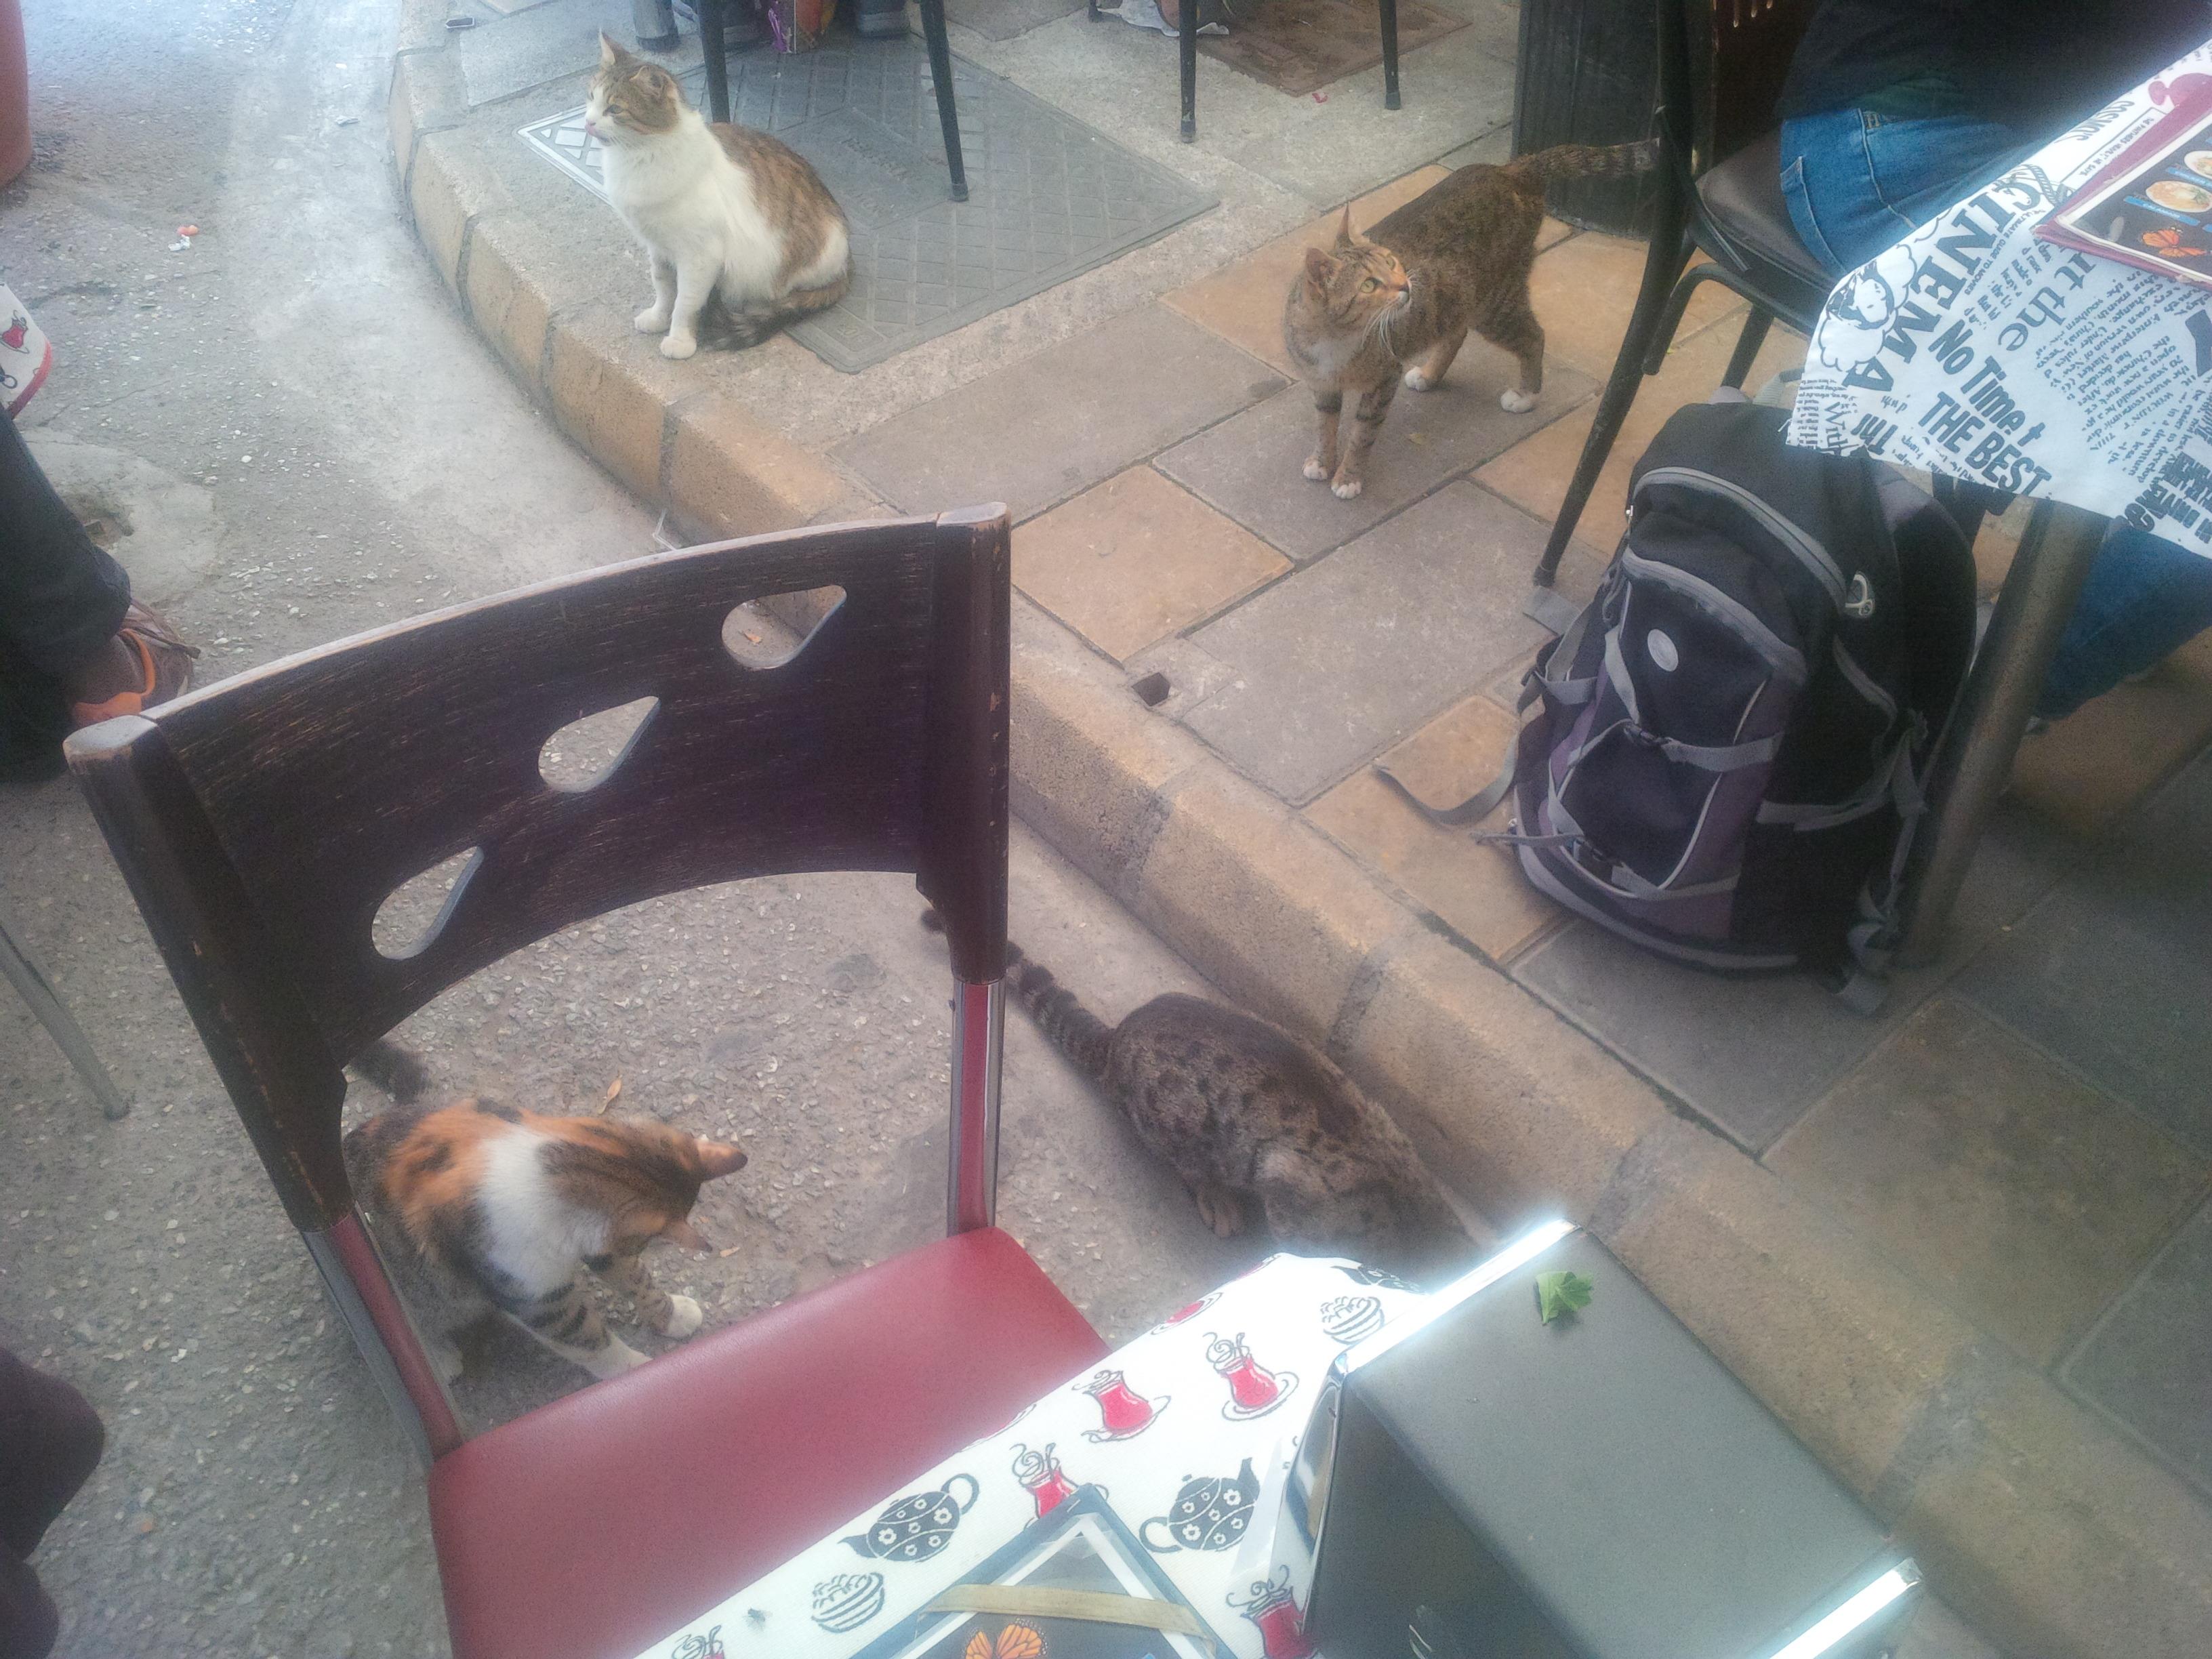 Macskák mindenütt, de főleg az éttermek környékén